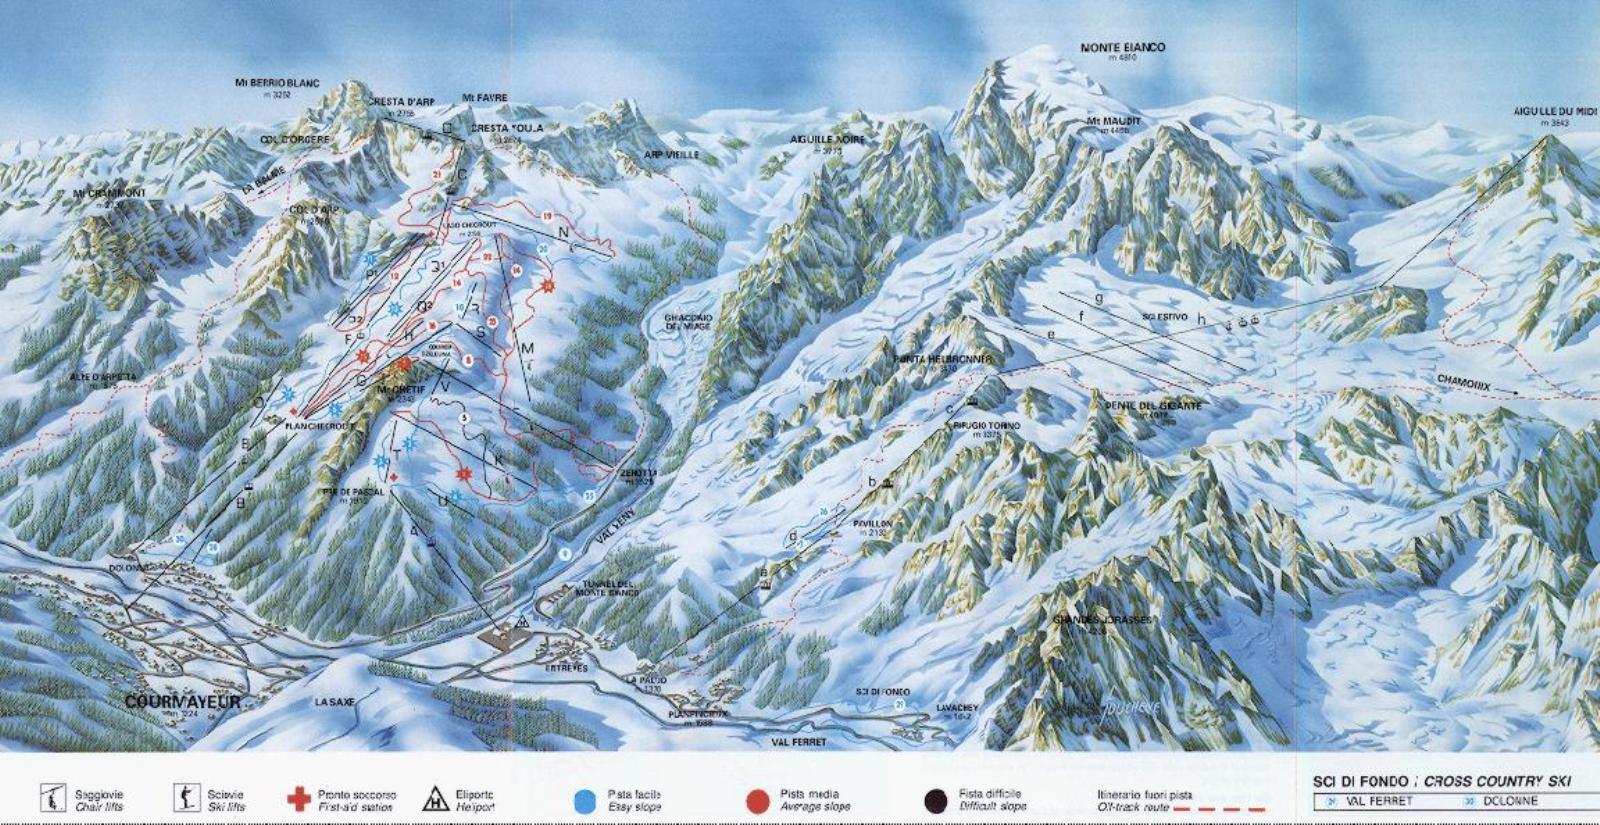 Aosta-völgy, Courmayeur